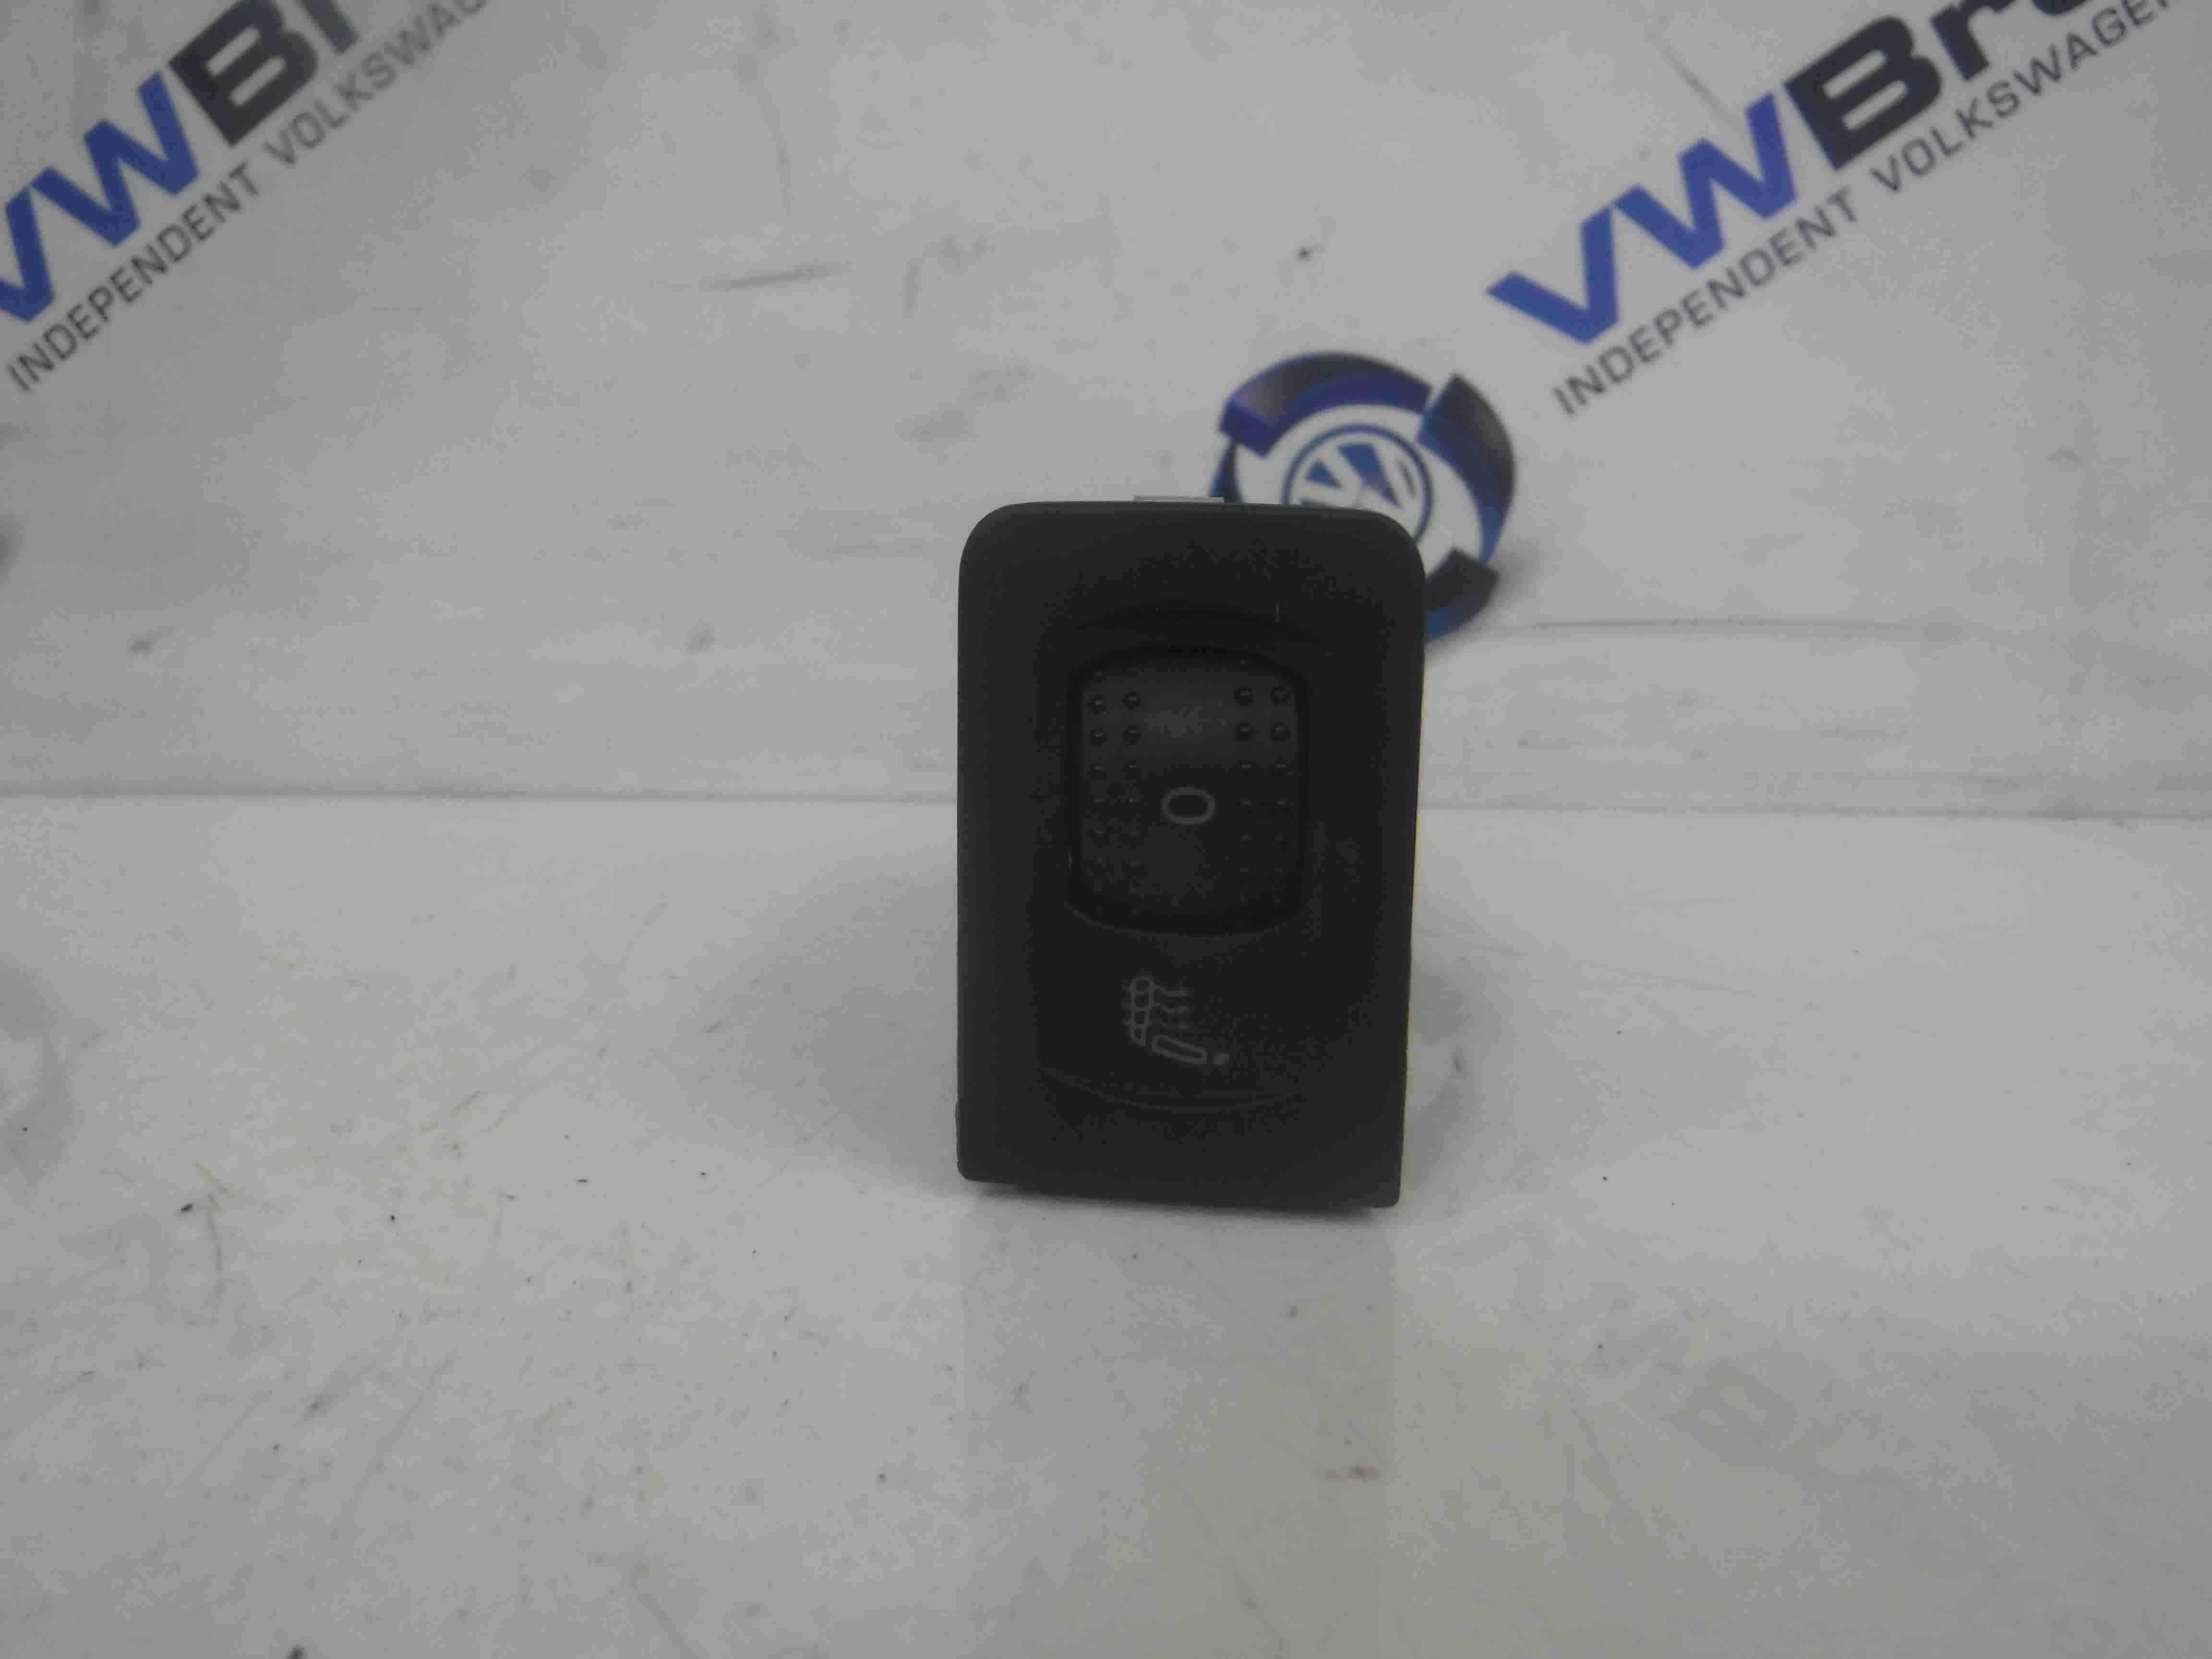 Volkswagen Golf MK4 1997-2004 Heated Seat Switch Button 1J0963563B